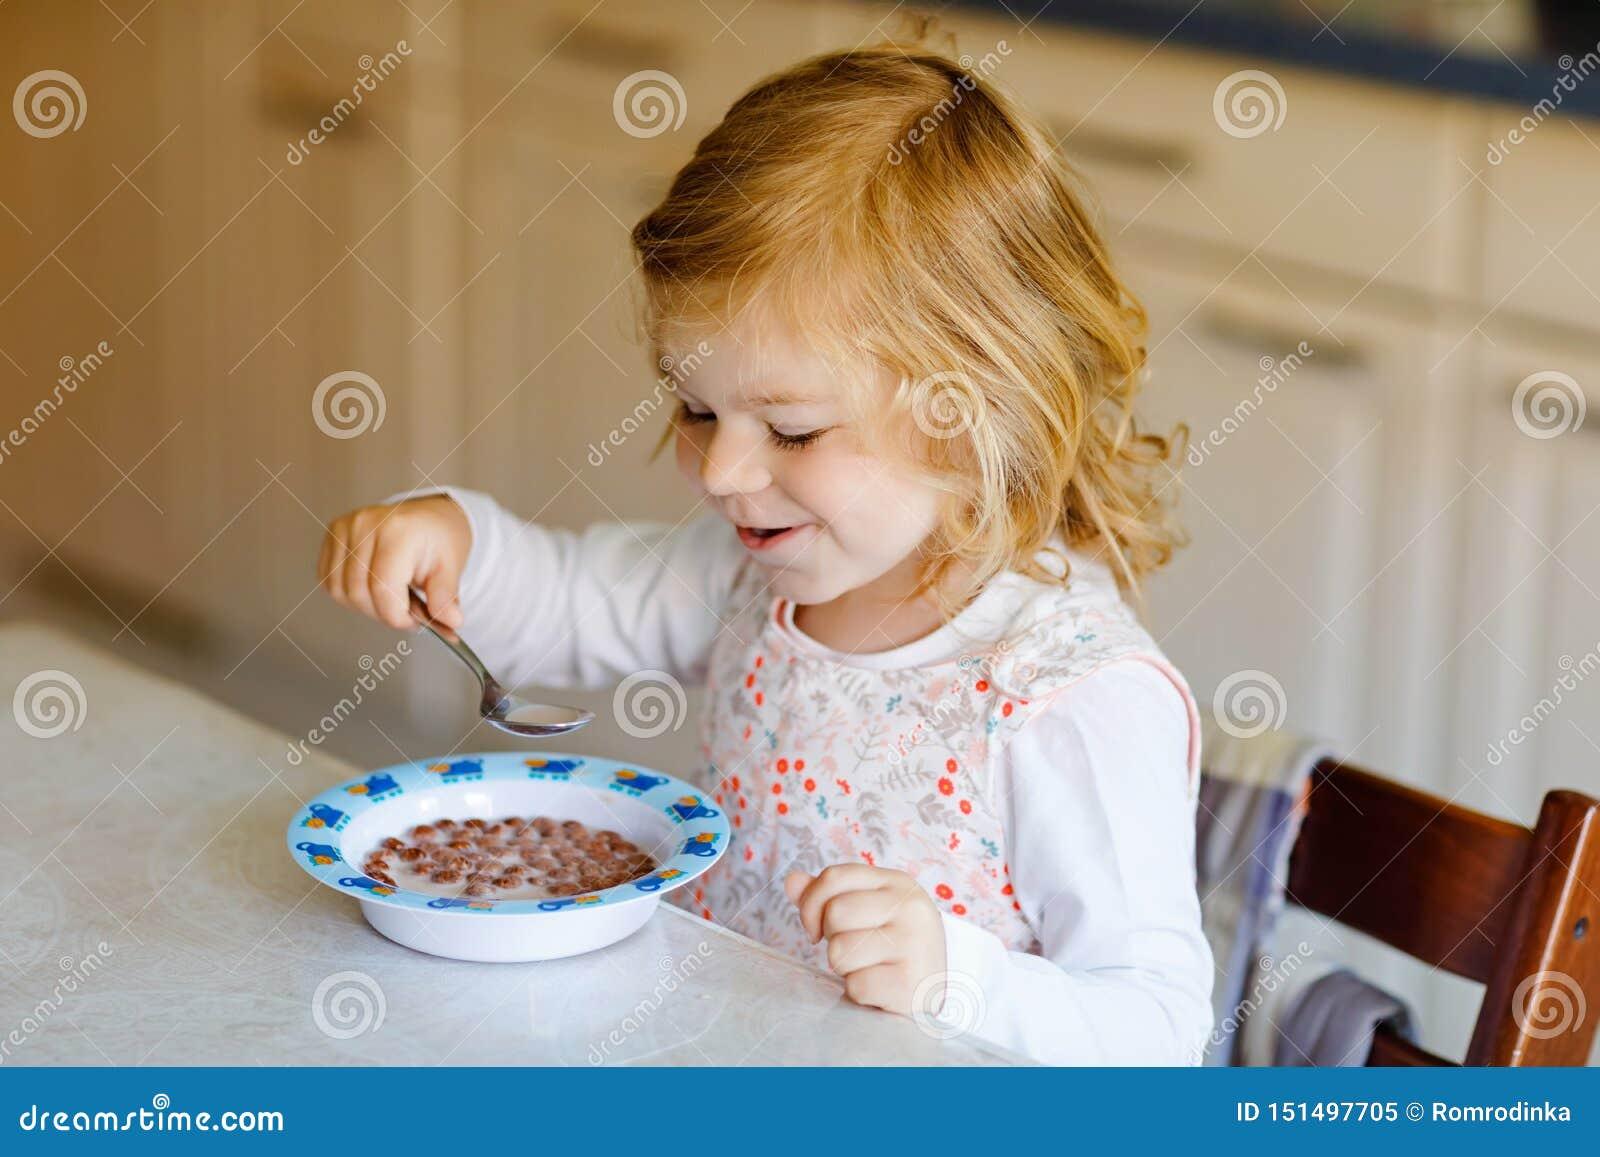 Urocza berbeć dziewczyna je zdrowego zboża z mlekiem dla śniadaniowego Ślicznego szczęśliwego dziecka dziecka w kolorowy ubrań si